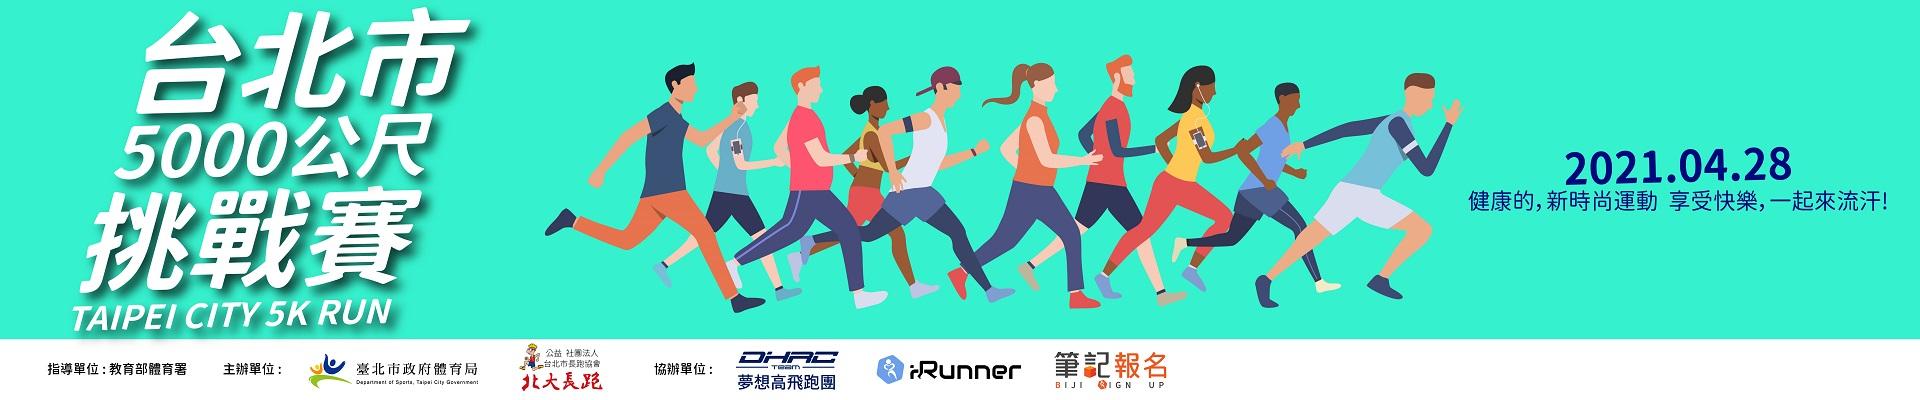 台北市5000公尺挑戰賽-04-主視覺